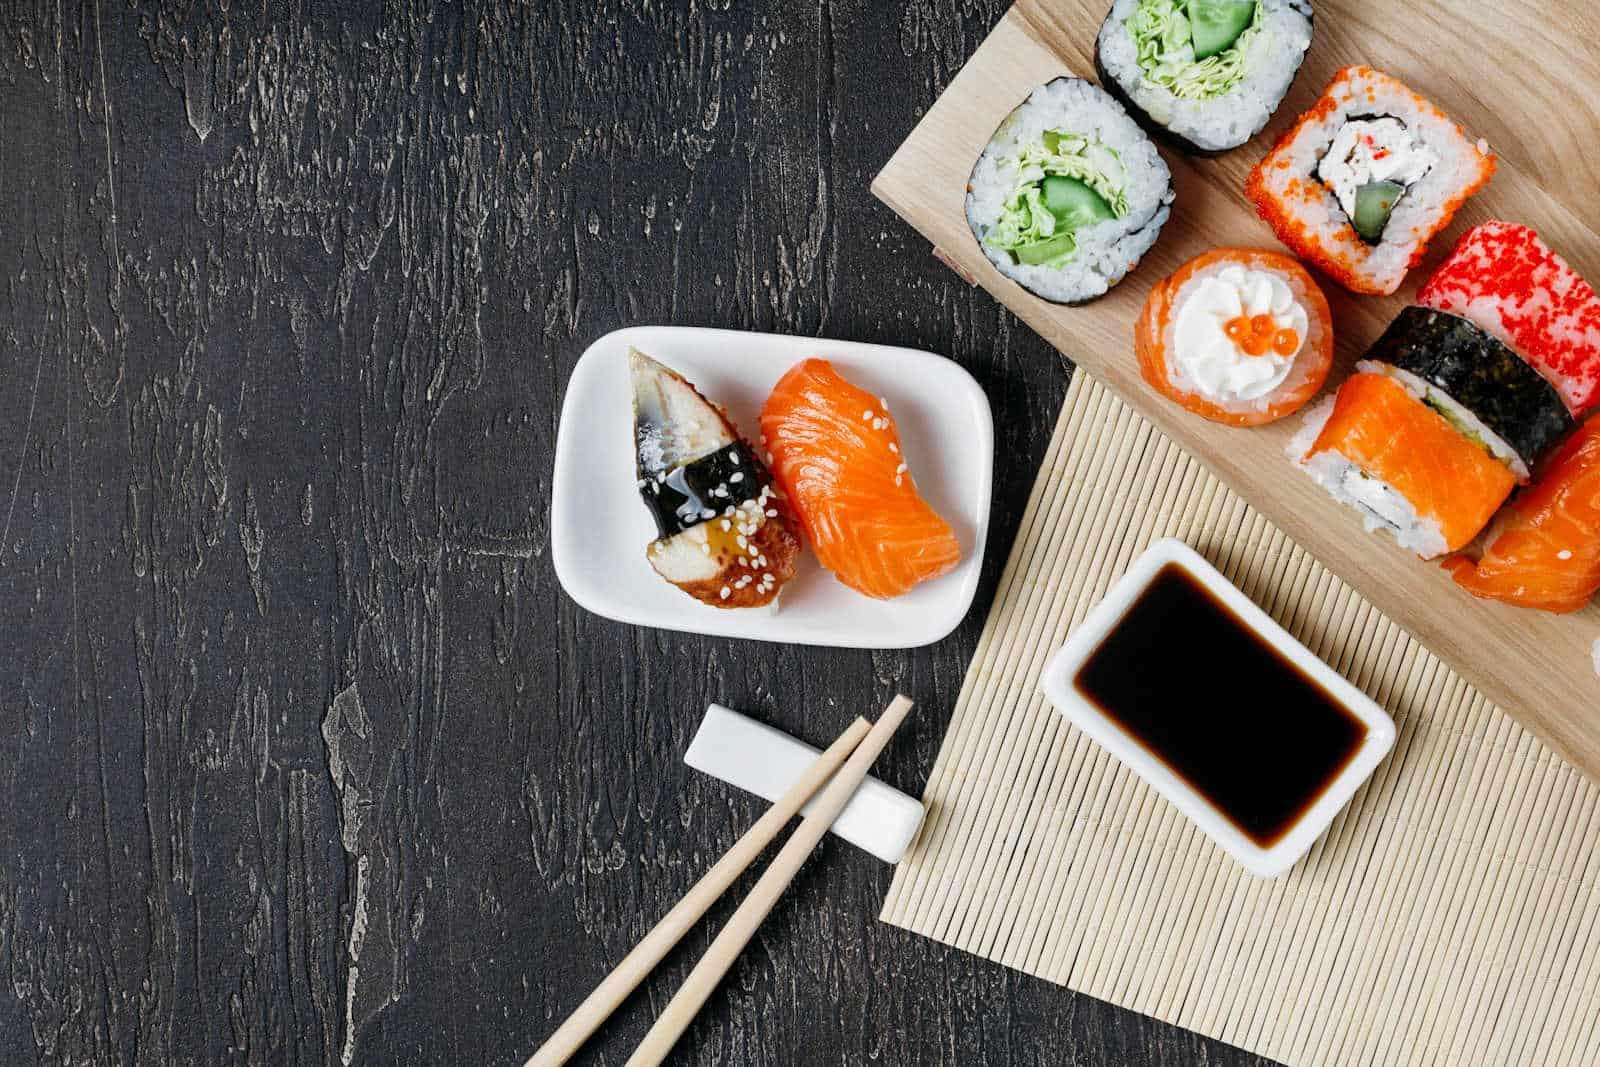 Mizutani sushi bar of San Francisco